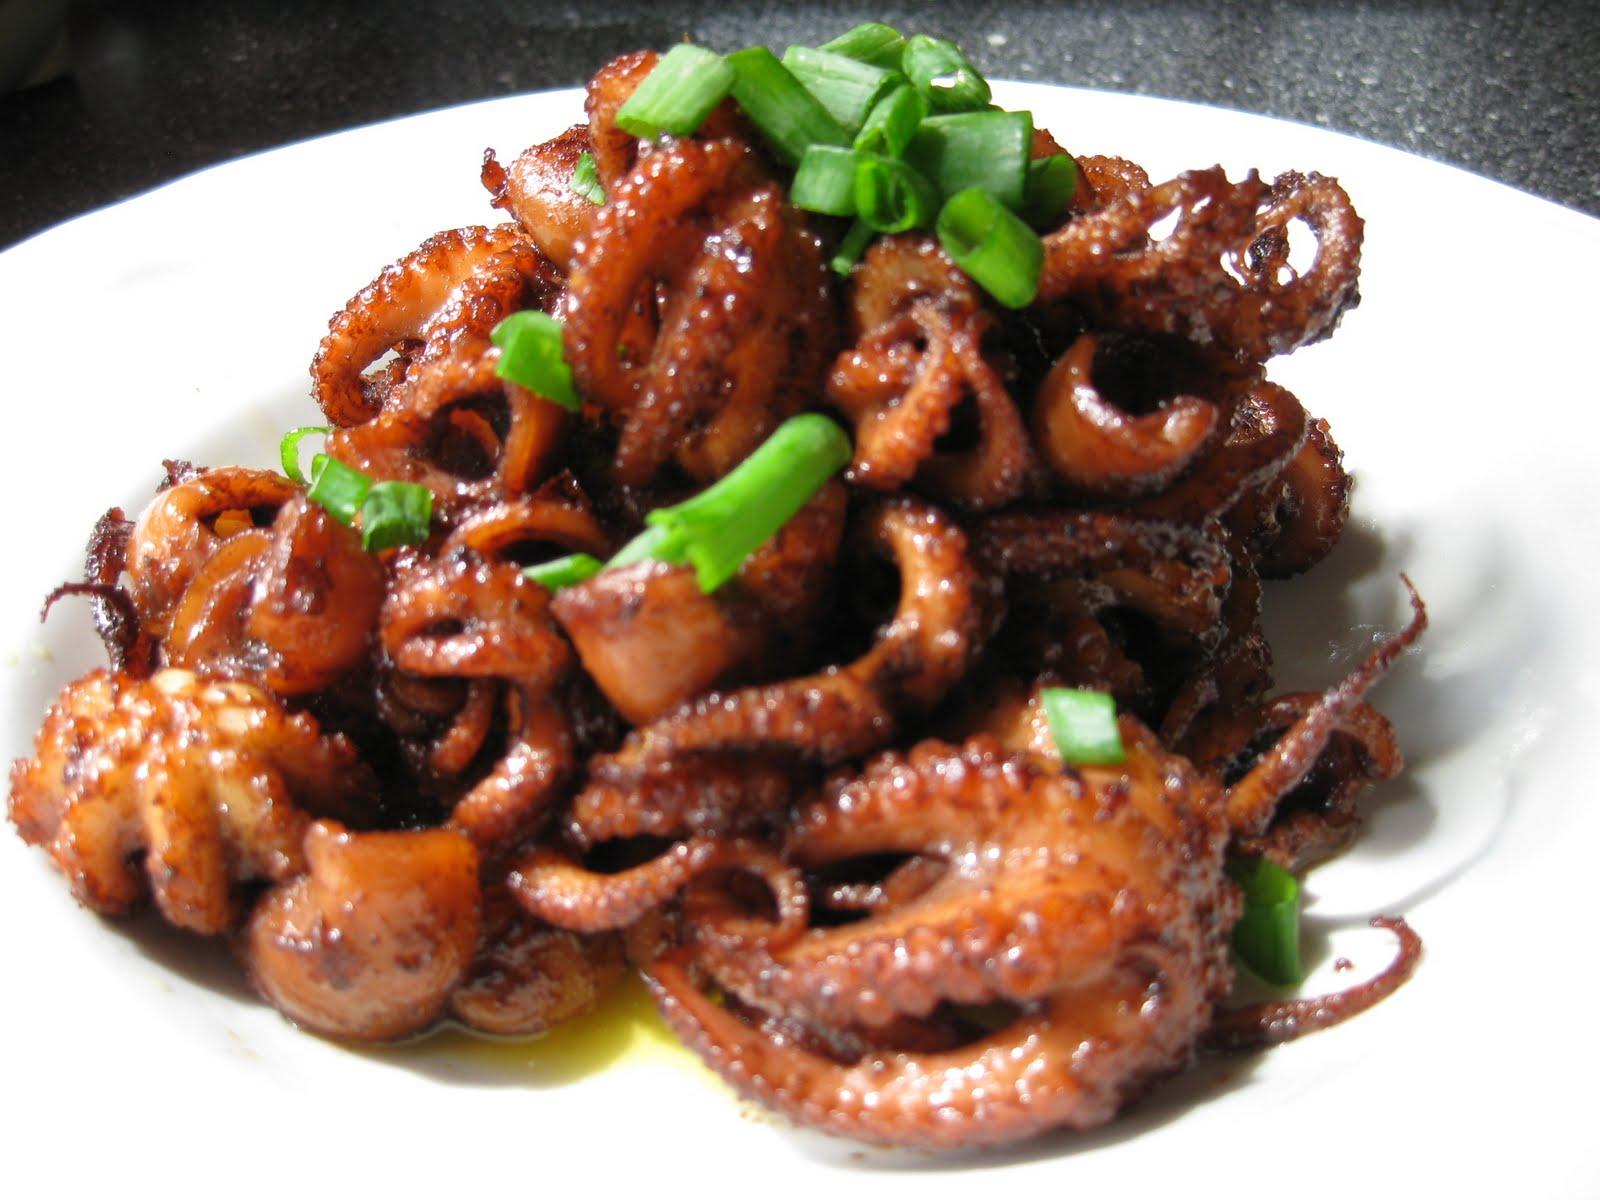 Food Lust People Love: Marinated Baby Octopus